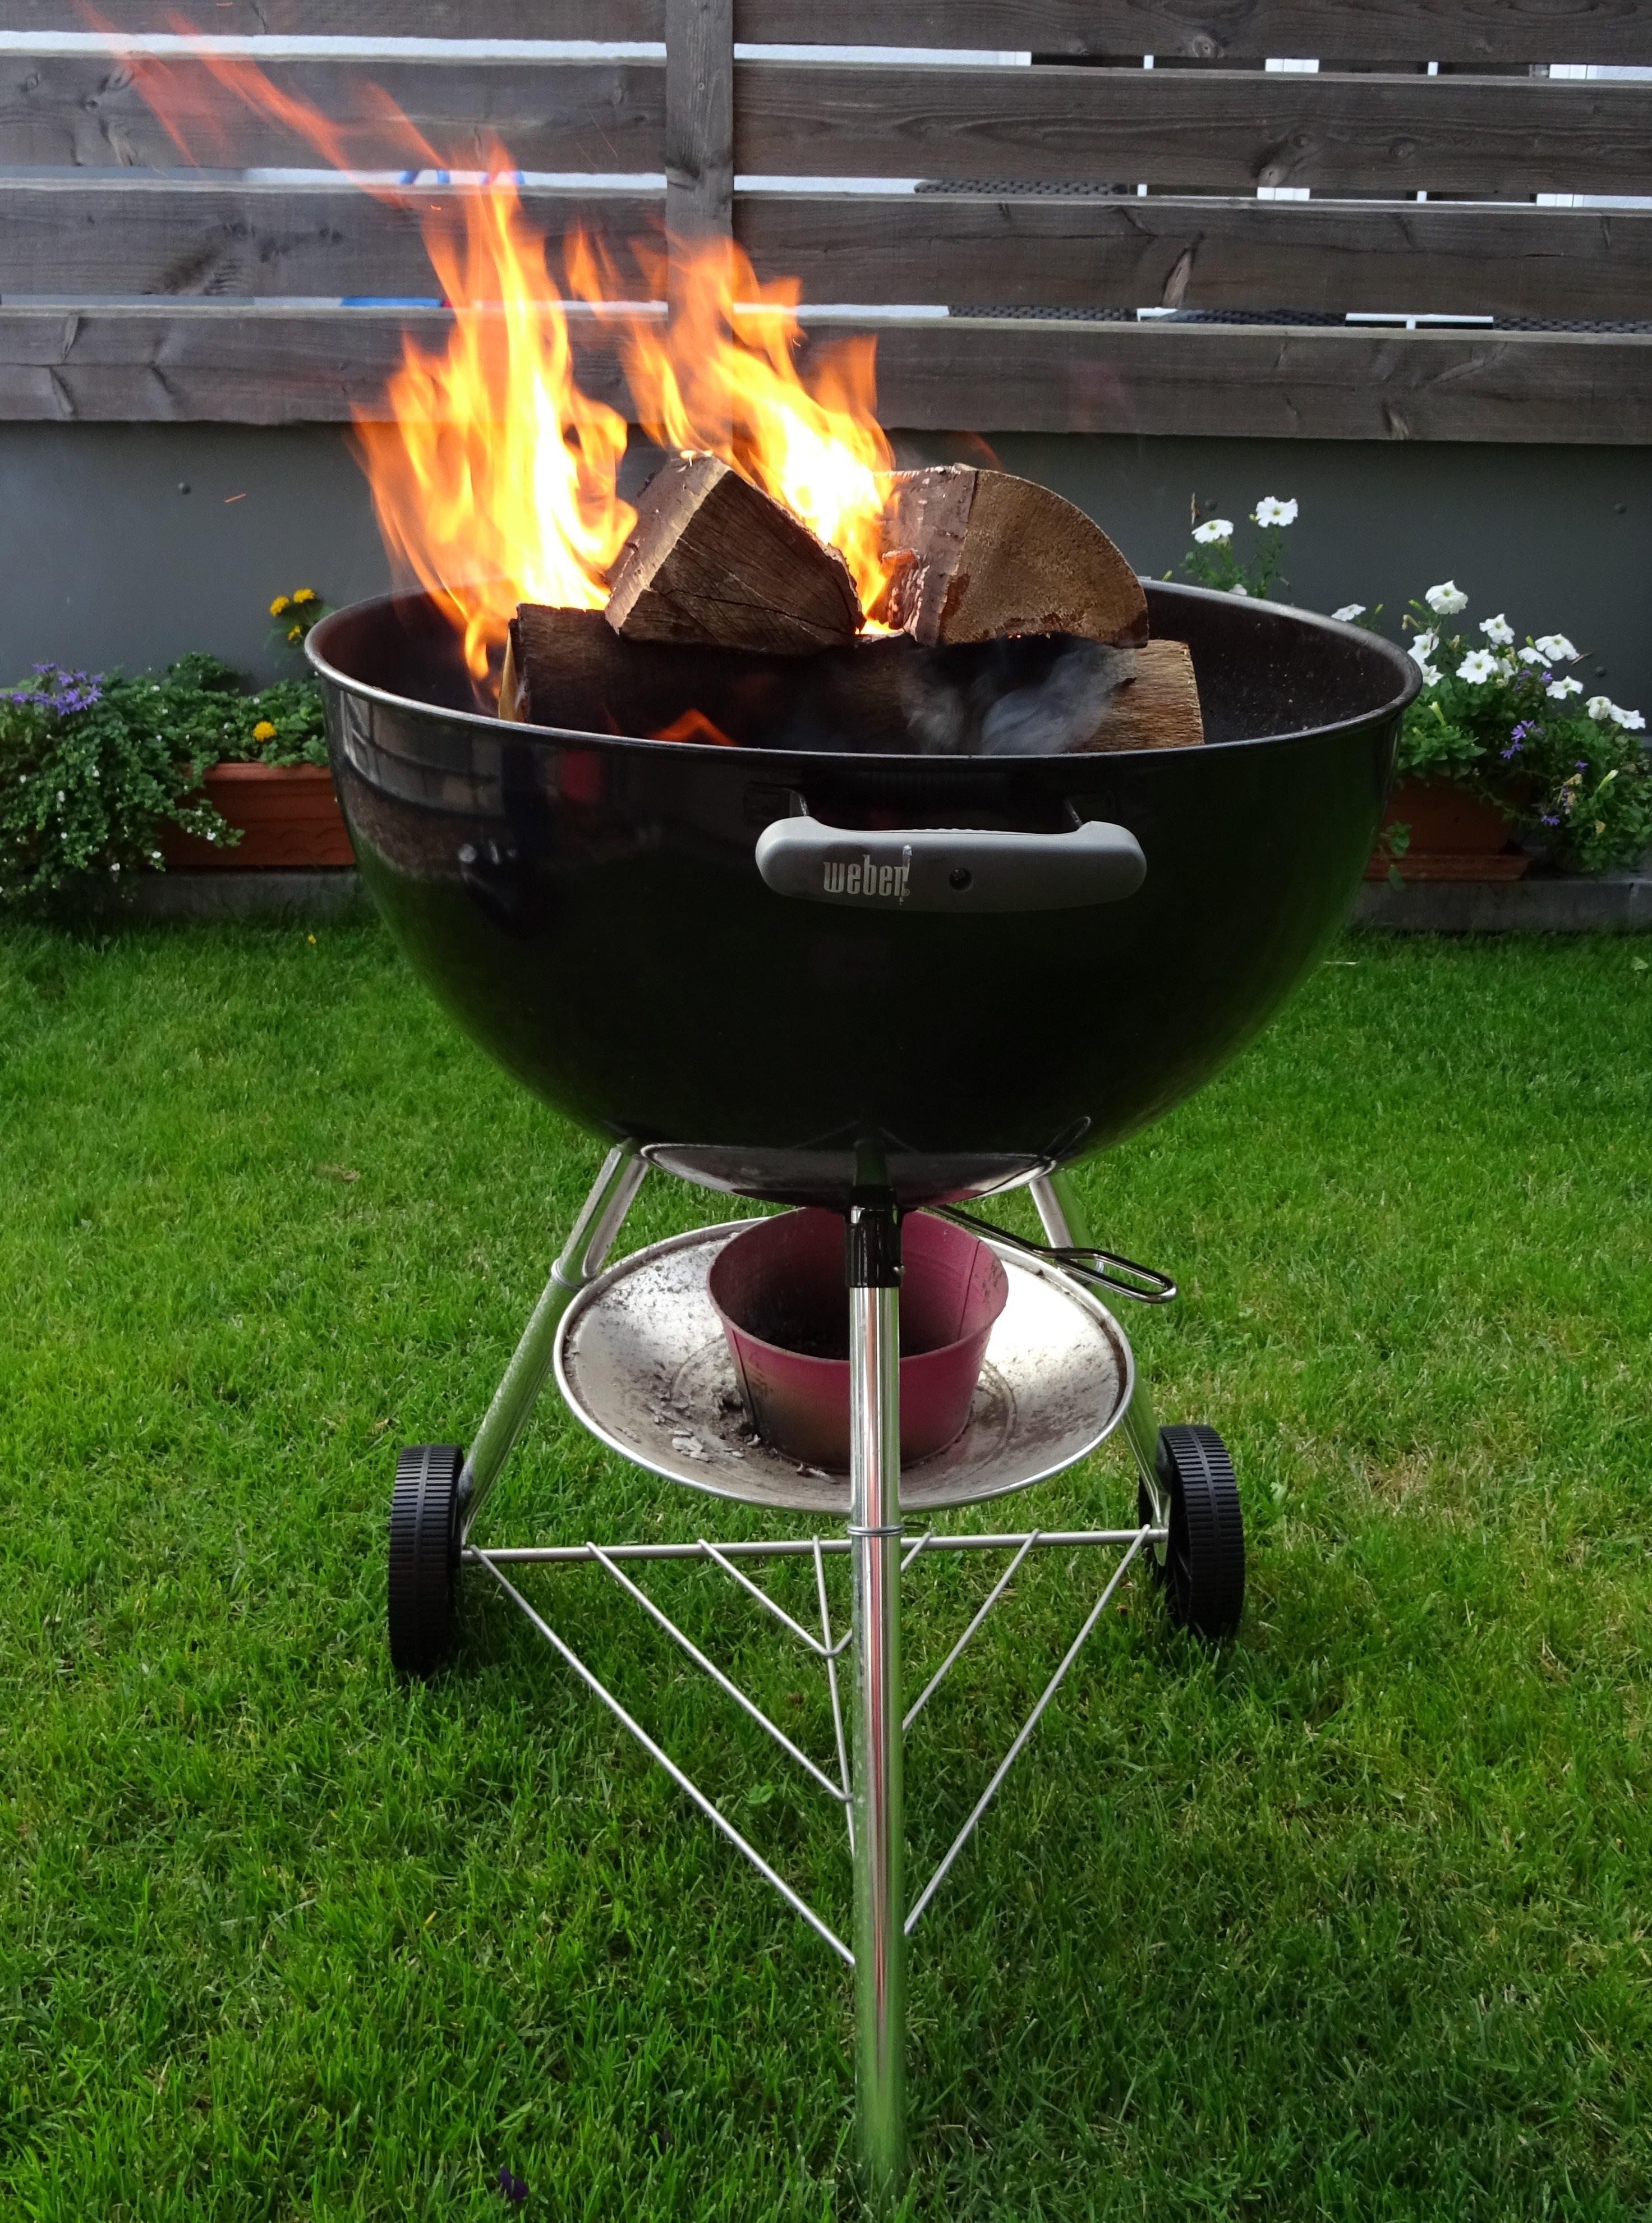 Kostenlose foto : Holz, Gericht, Hinterhof, Bbq, Feuer, Fleisch ...